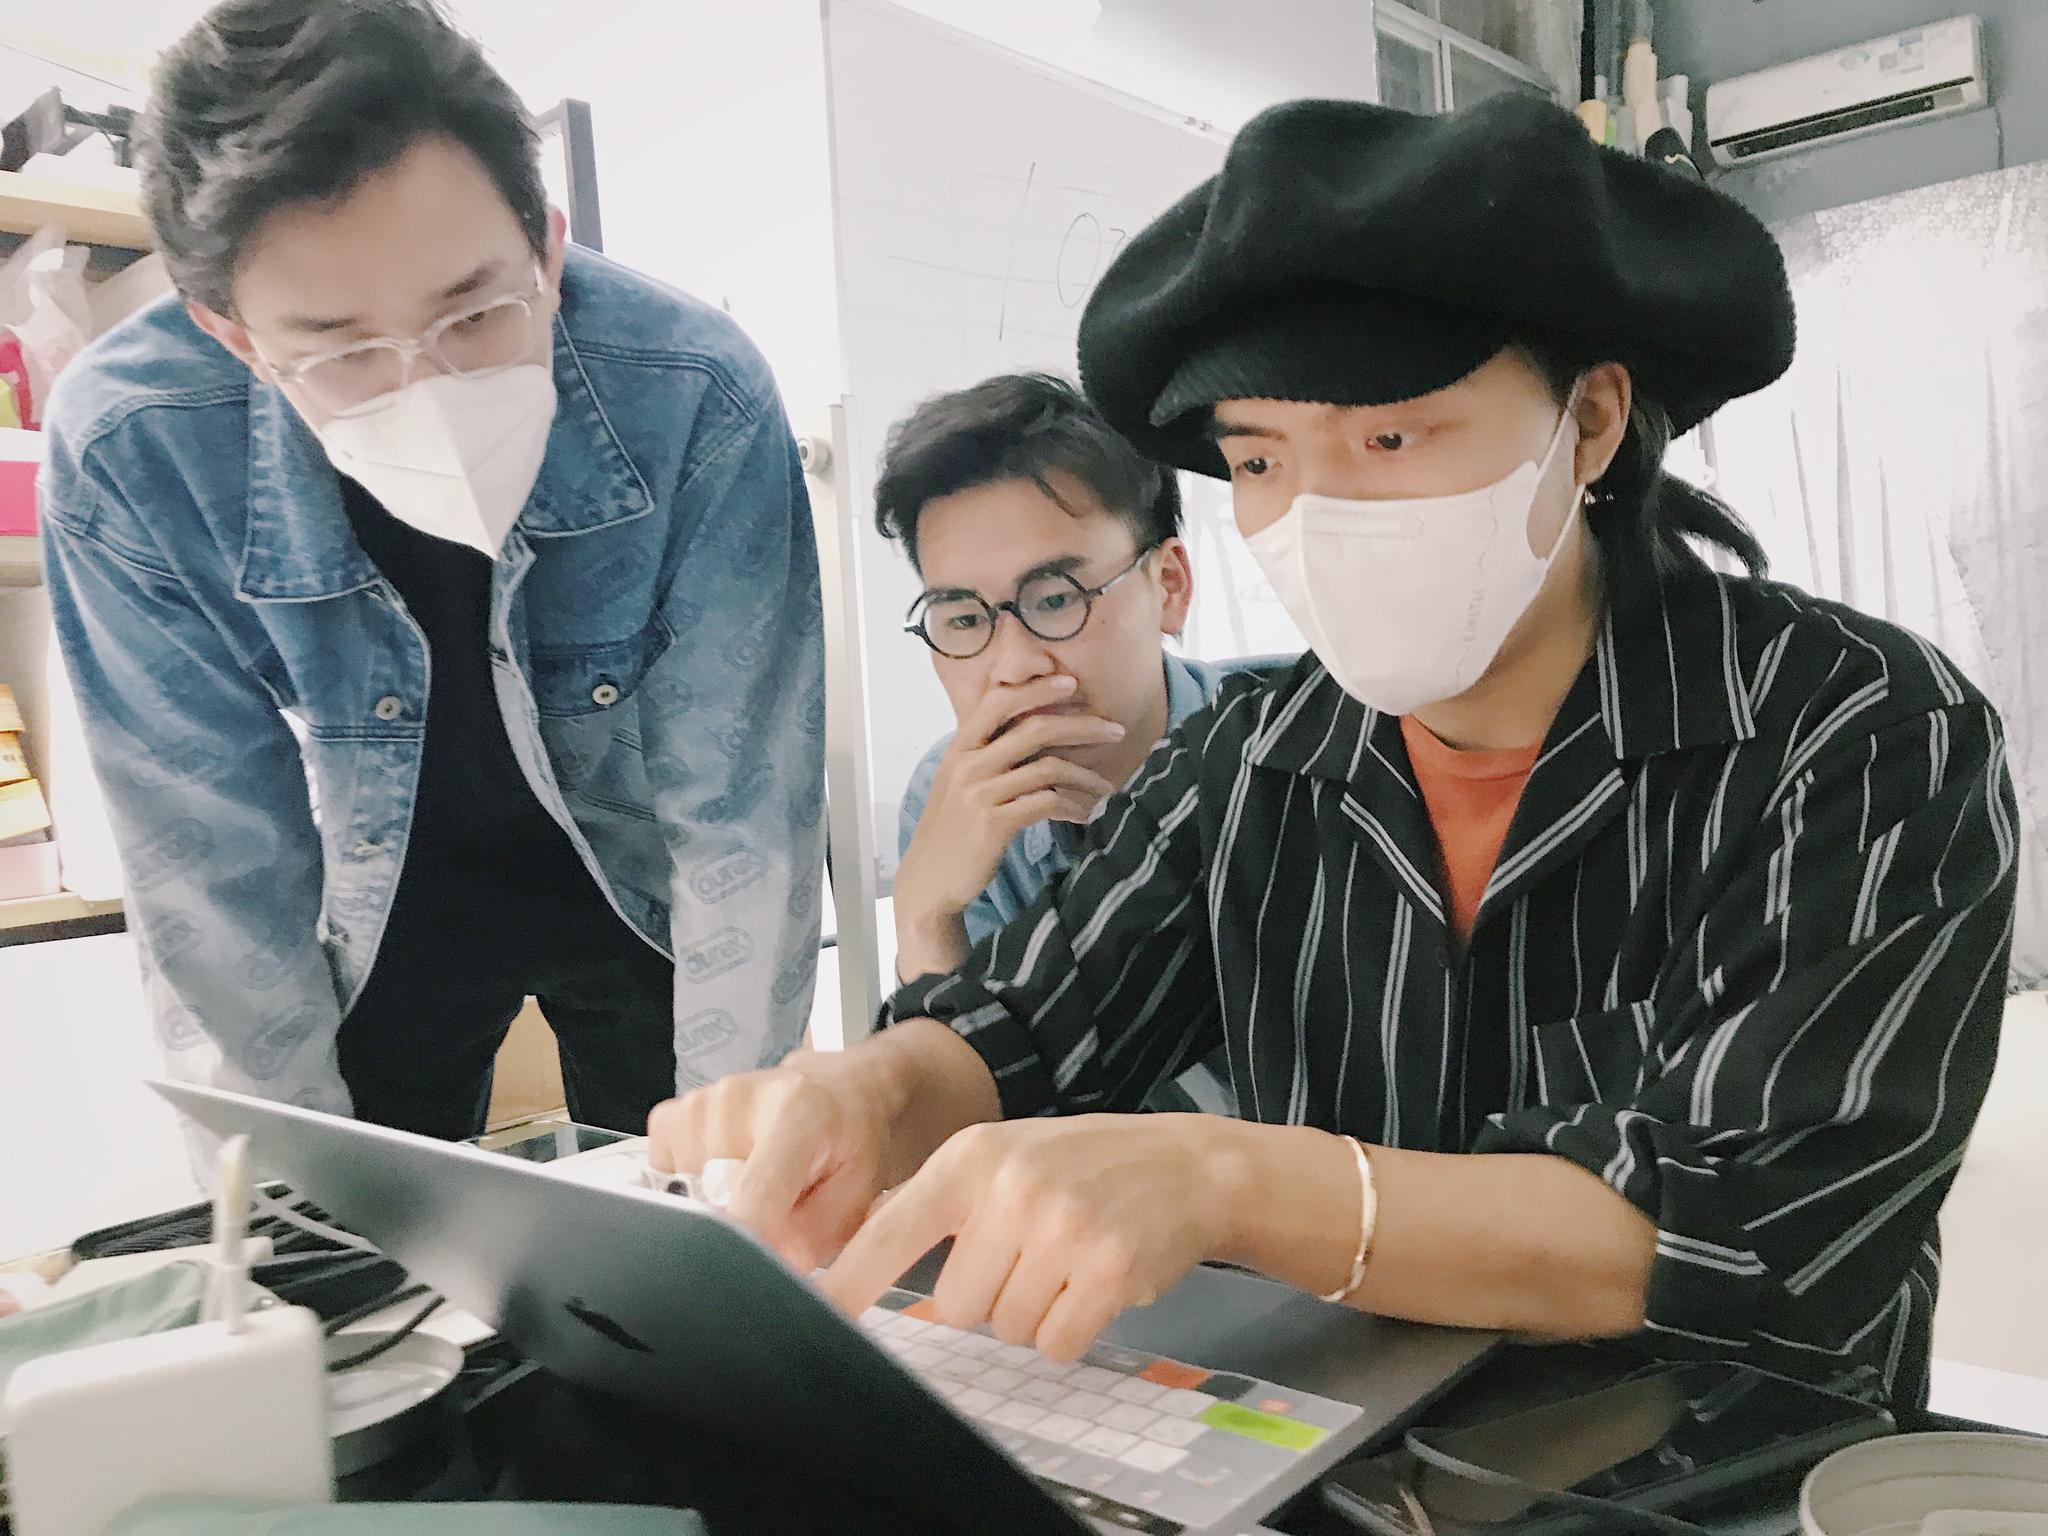 今天是修皮肤的课程,然而@陳大梨呀 在旁边学习用ipad修图